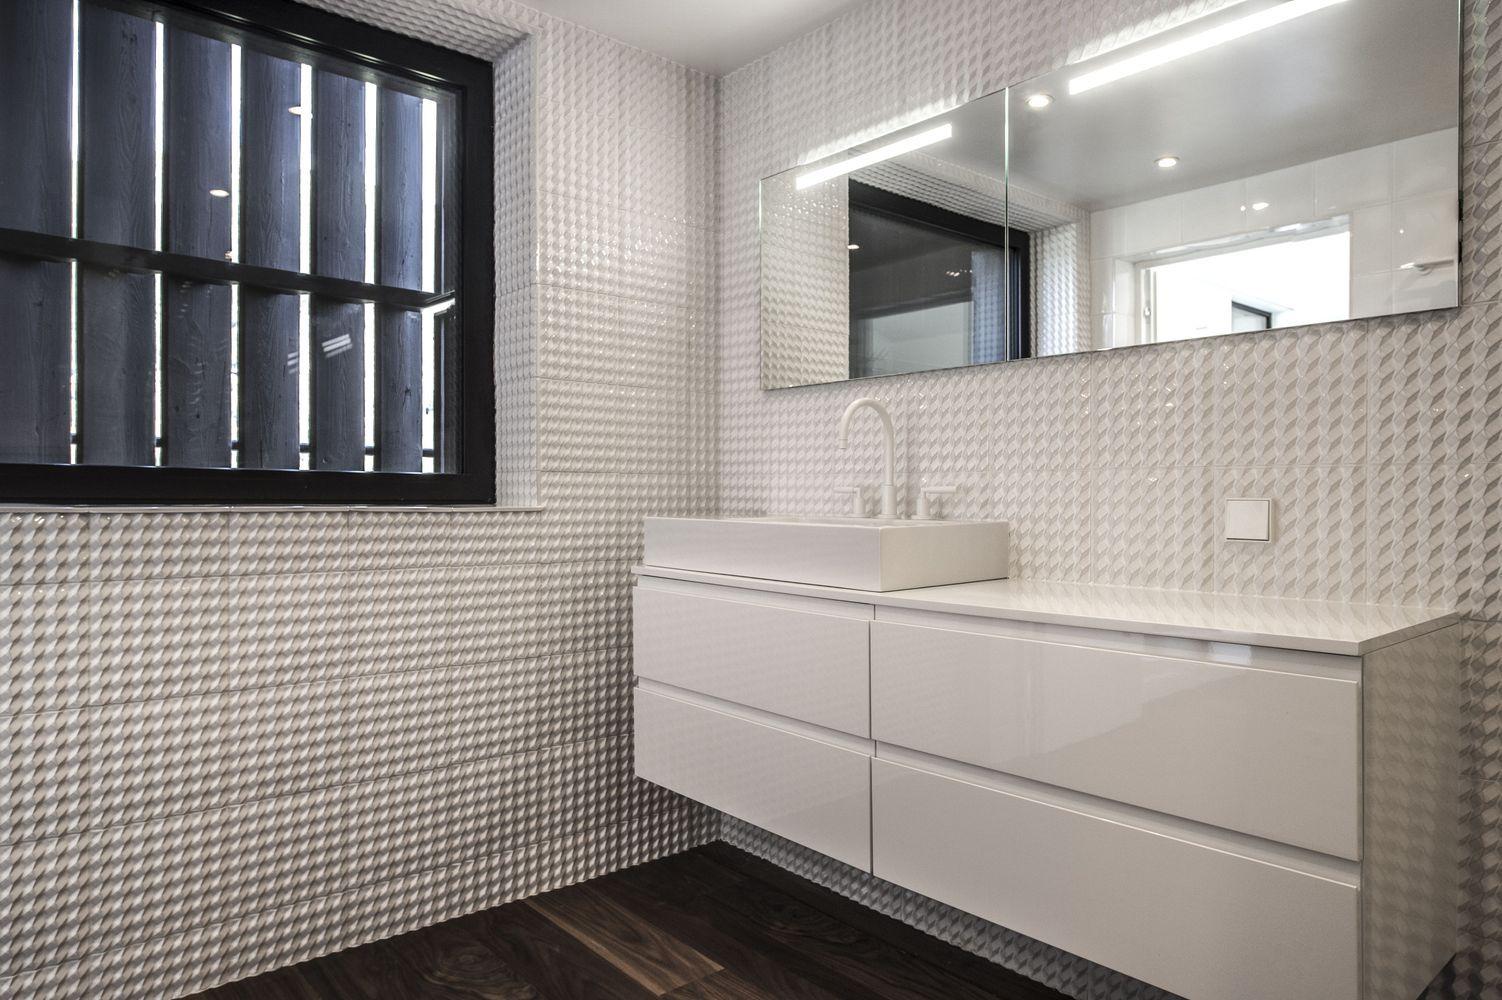 Galería de Cabaña en Chamonix / Pierre Marchand Architects - 11